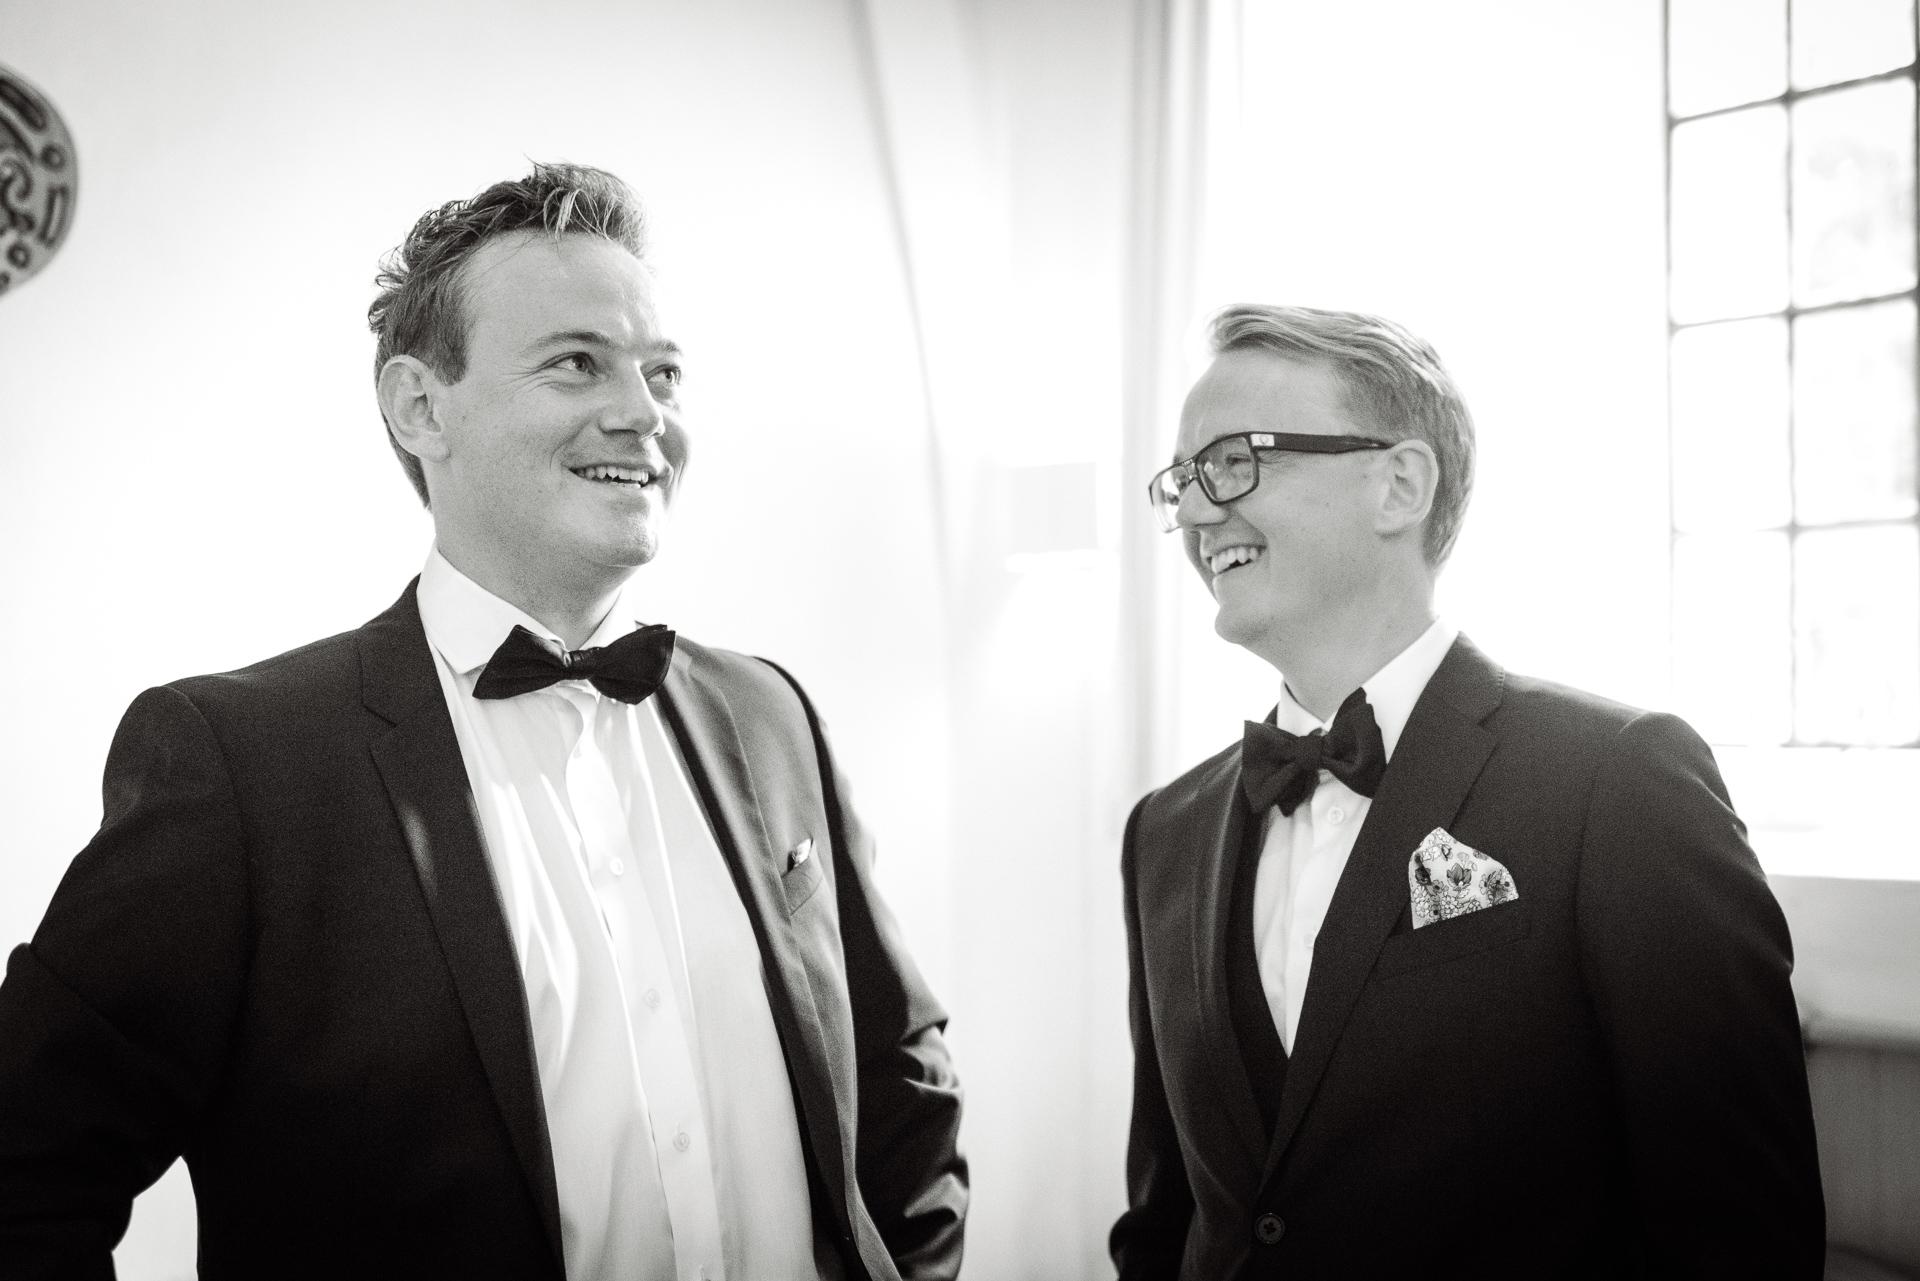 bryllup-wedding-jomfruens-egede-AK-Christian_17